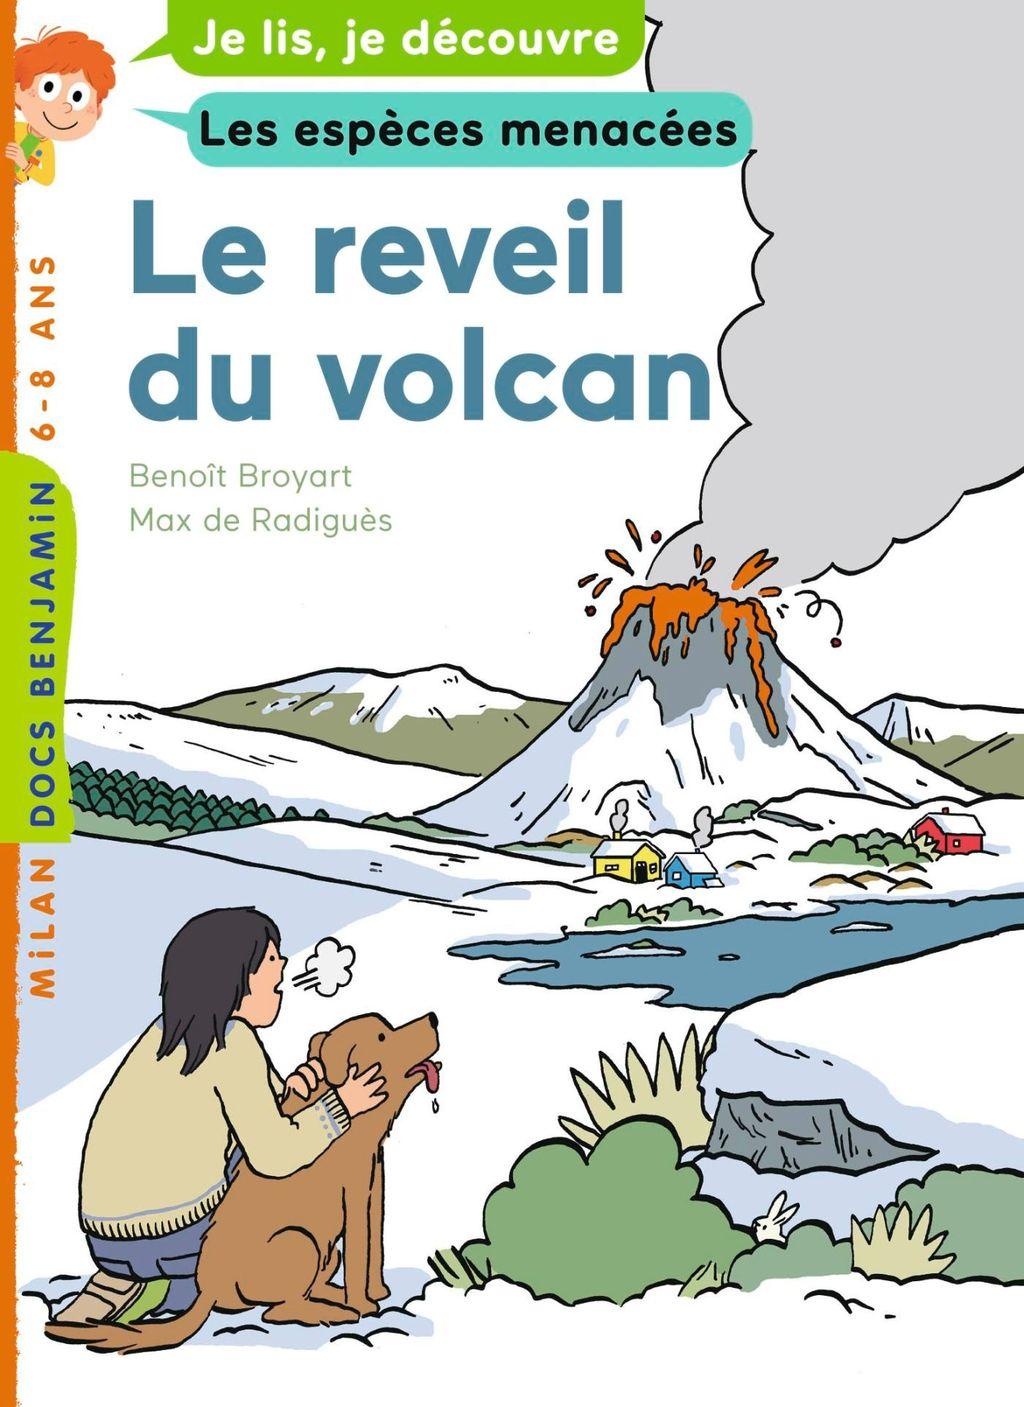 «Le réveil du volcan» cover